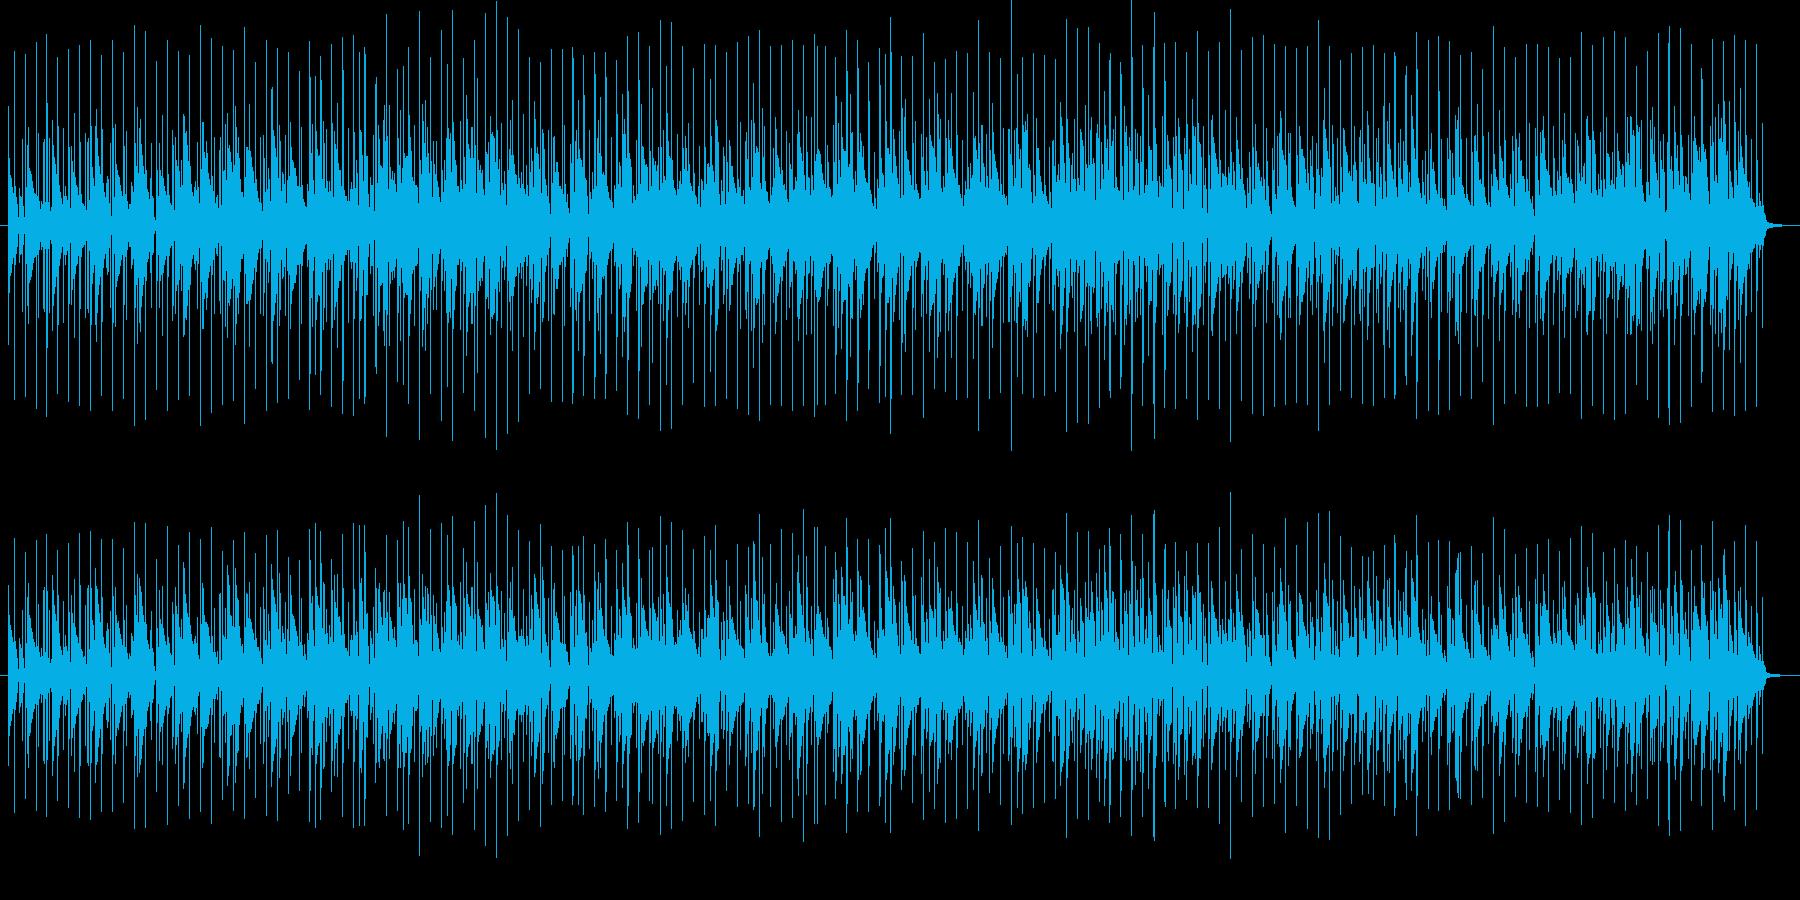 ドラムとピアノの軽やかなBGMの再生済みの波形